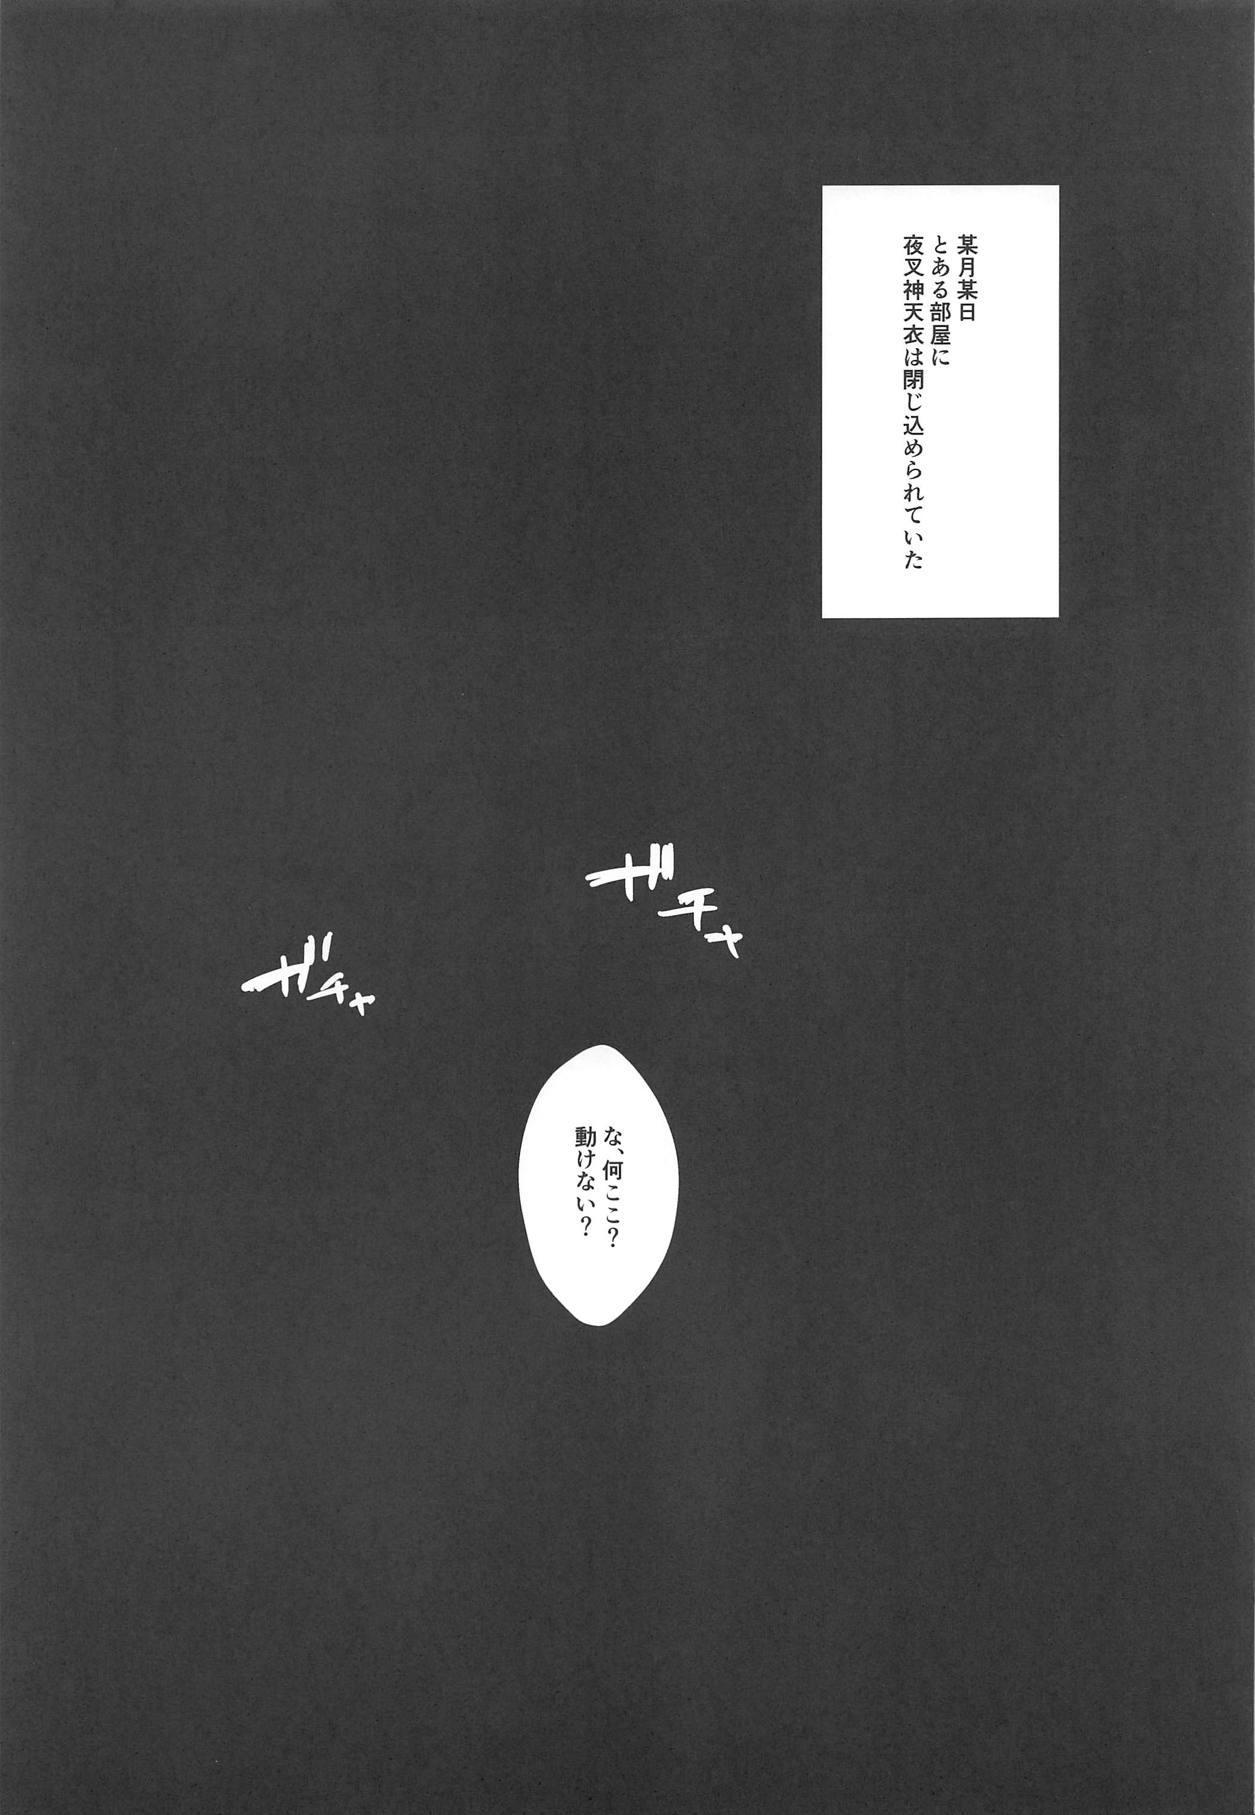 Ai-chan o Mechakucha ni Suru Hon 3